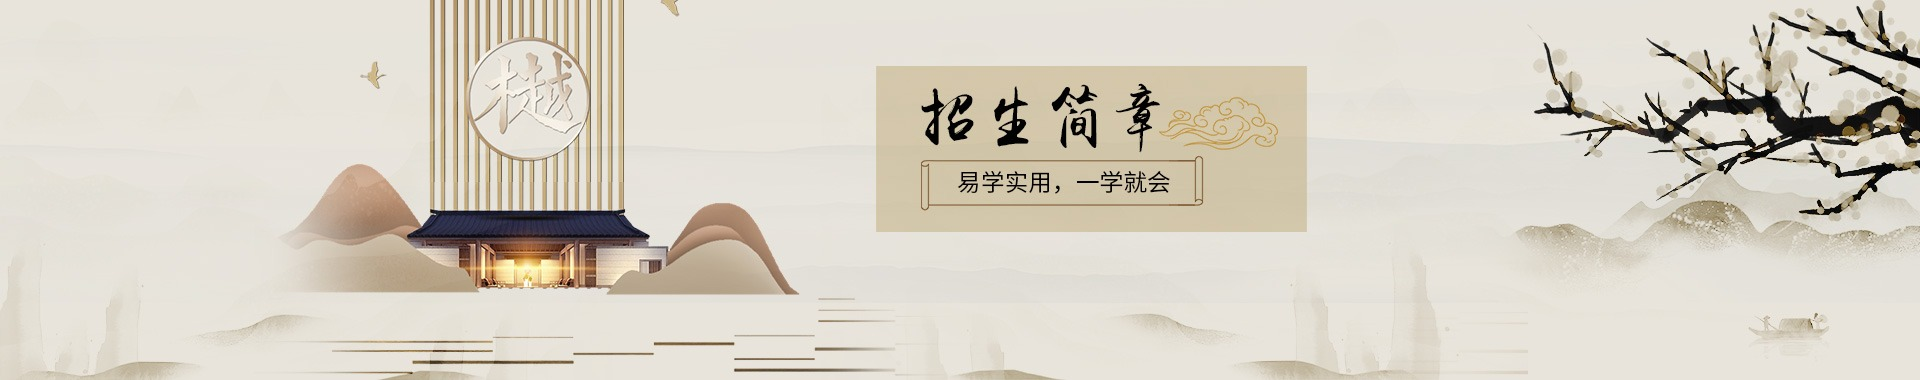 周易文化教育中心-研究中心-中国管理科学研究院教育科学研究所